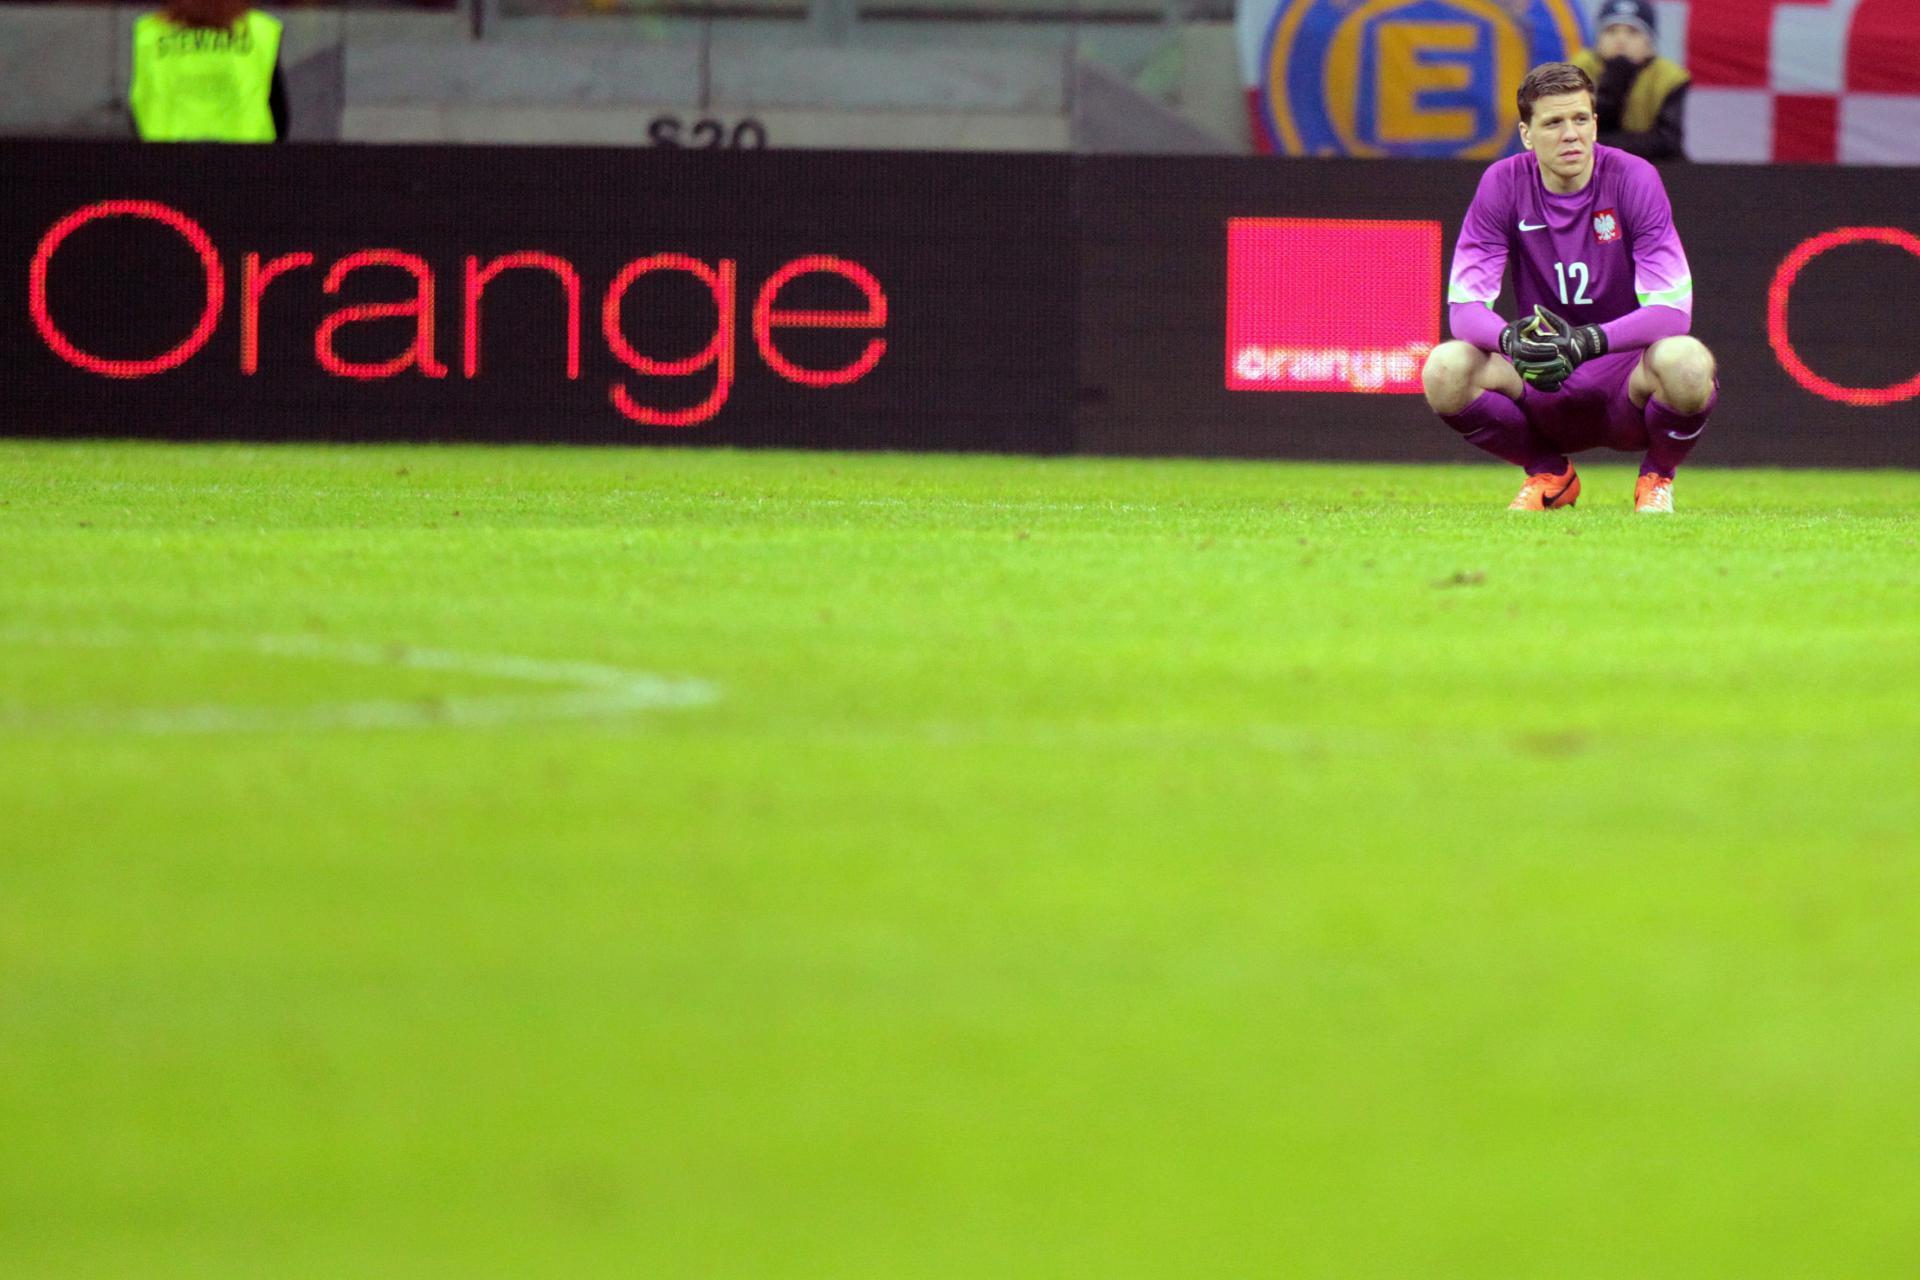 Zasmucony Wojciech Szczęsny. Polska przegrała towarzyskie spotkanie ze Szkocją 0:1.